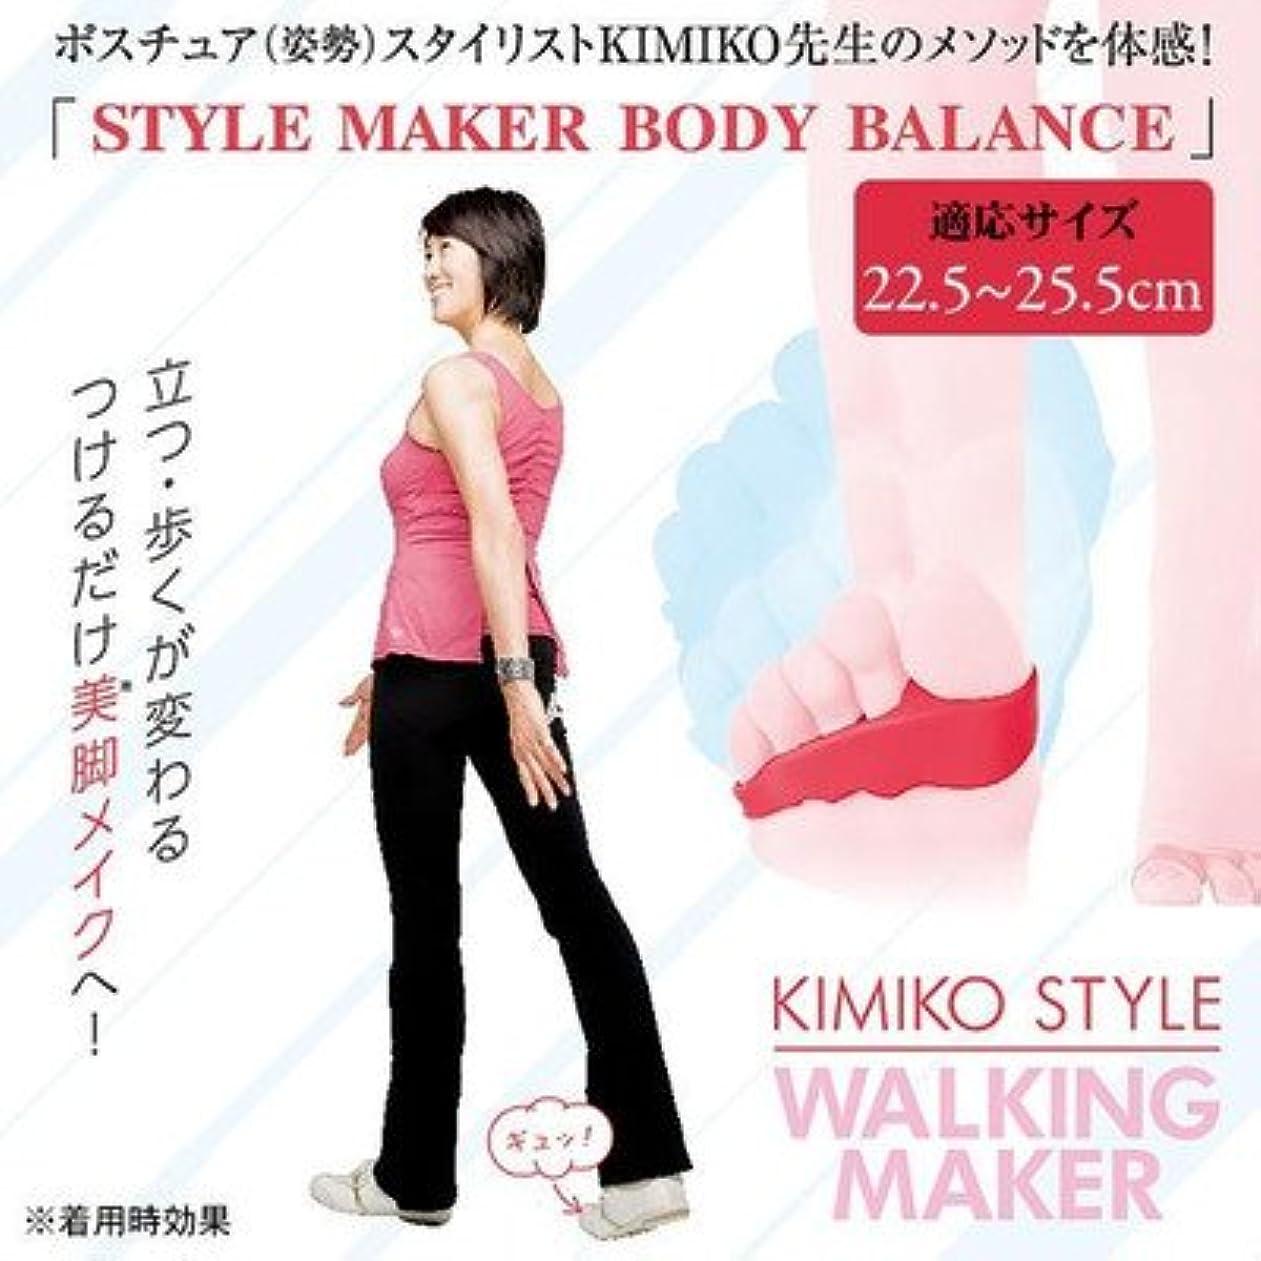 人相対的気候付けて歩いて 正しい歩行姿勢へナビゲート KIMIKO STYLE キミコスタイル WALKING MAKER ウォーキングメーカー 1足入